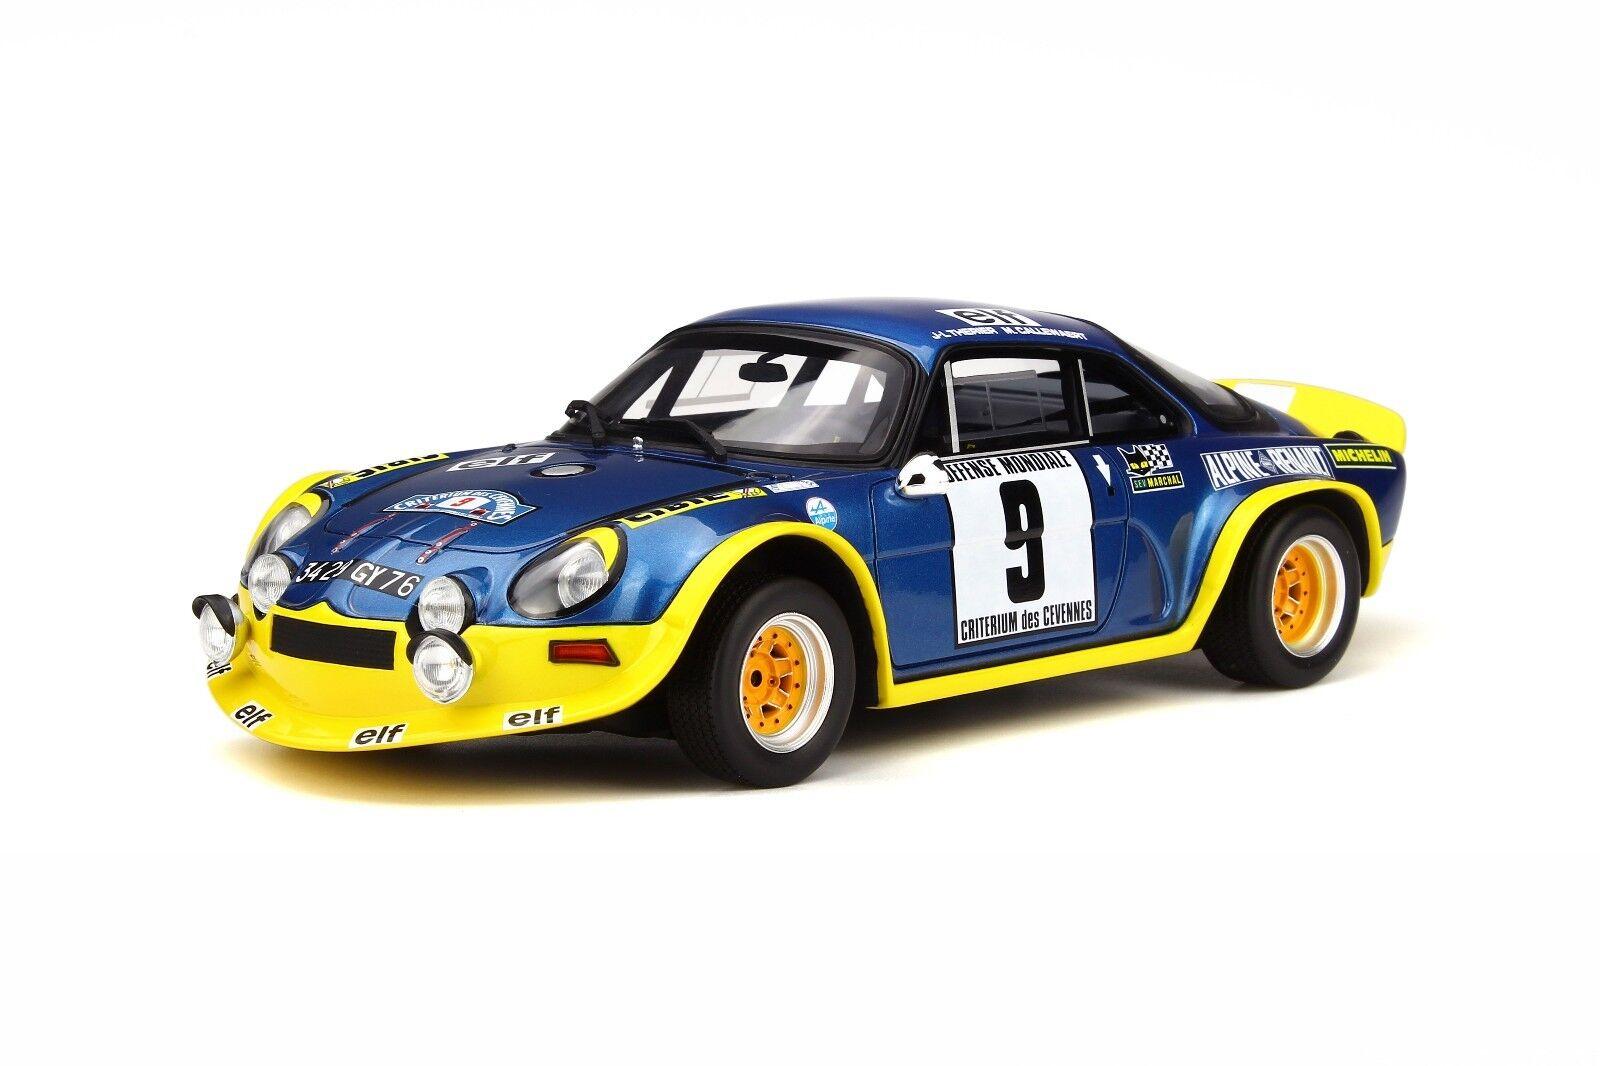 Disfruta de un 50% de descuento. Alpine a110 a110 a110 turbo Rally  nuevo  Otto ot249  1 18  excelentes precios